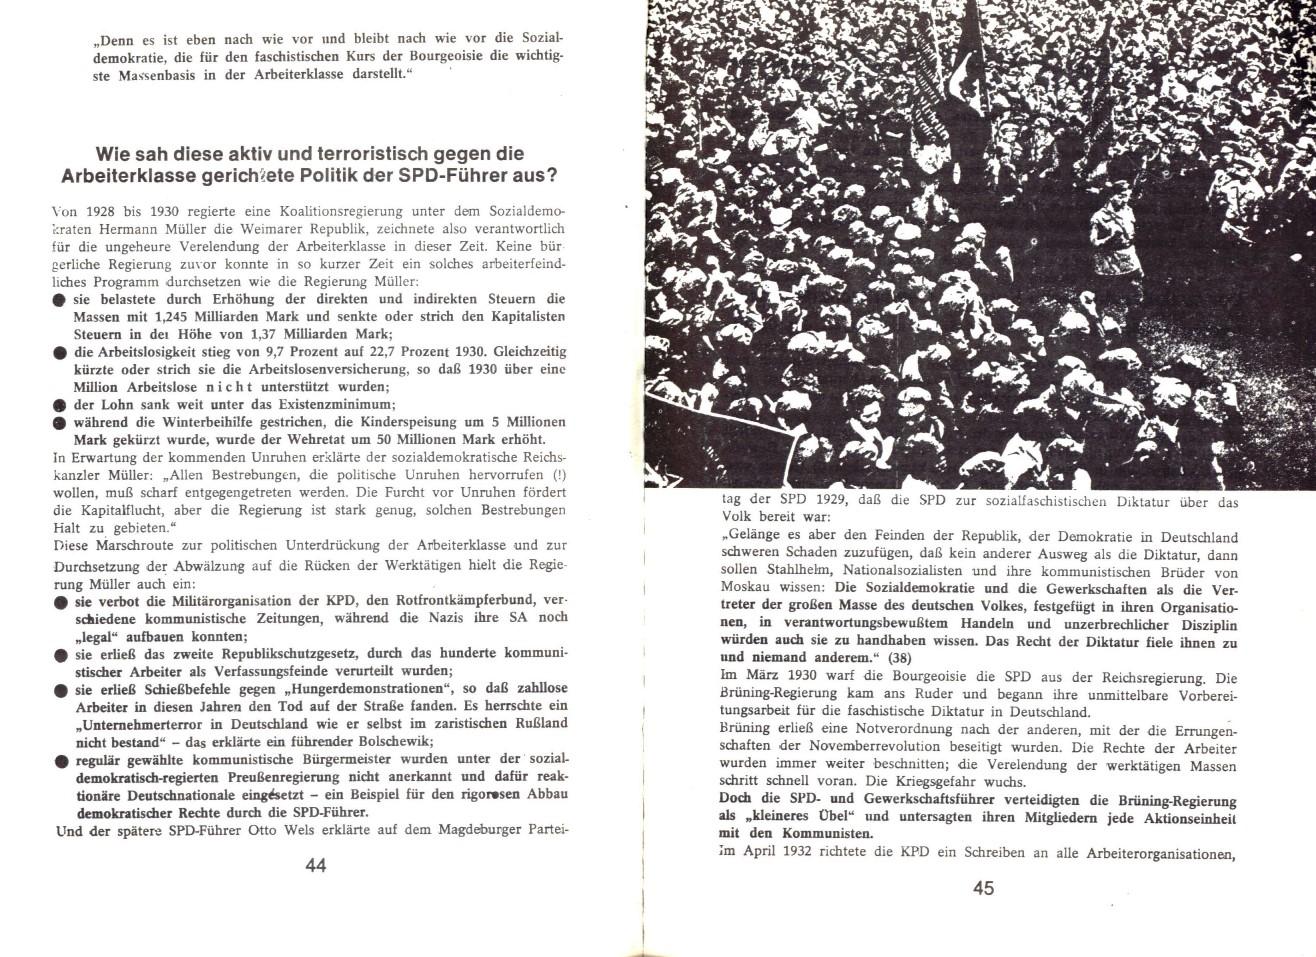 KPDAO_1974_Ernst_Thaelmann_24